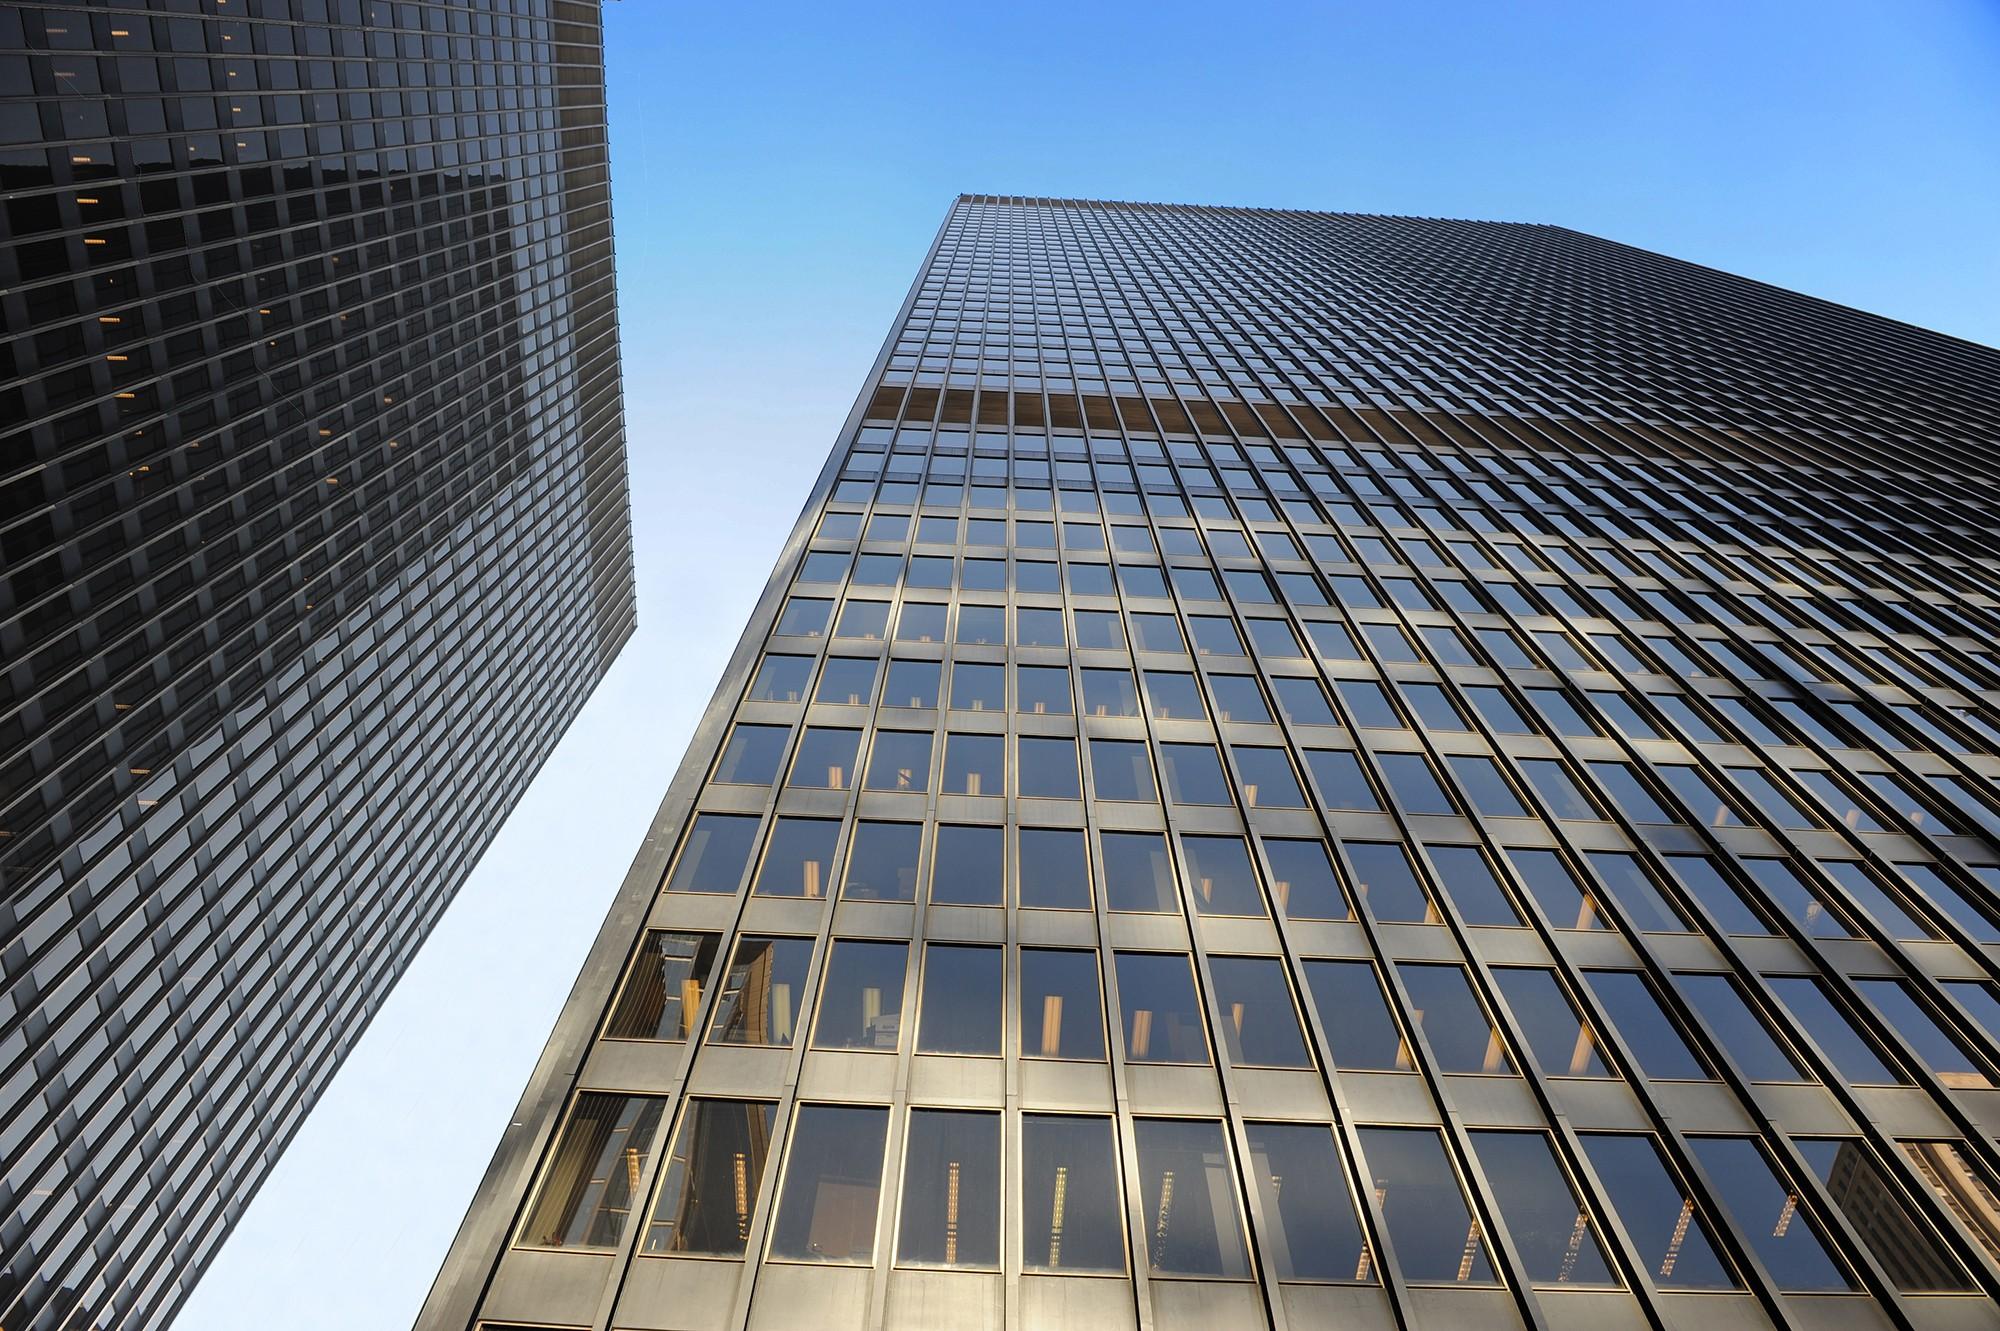 Evolution Of The Skyscraper · Tours · Chicago Architecture